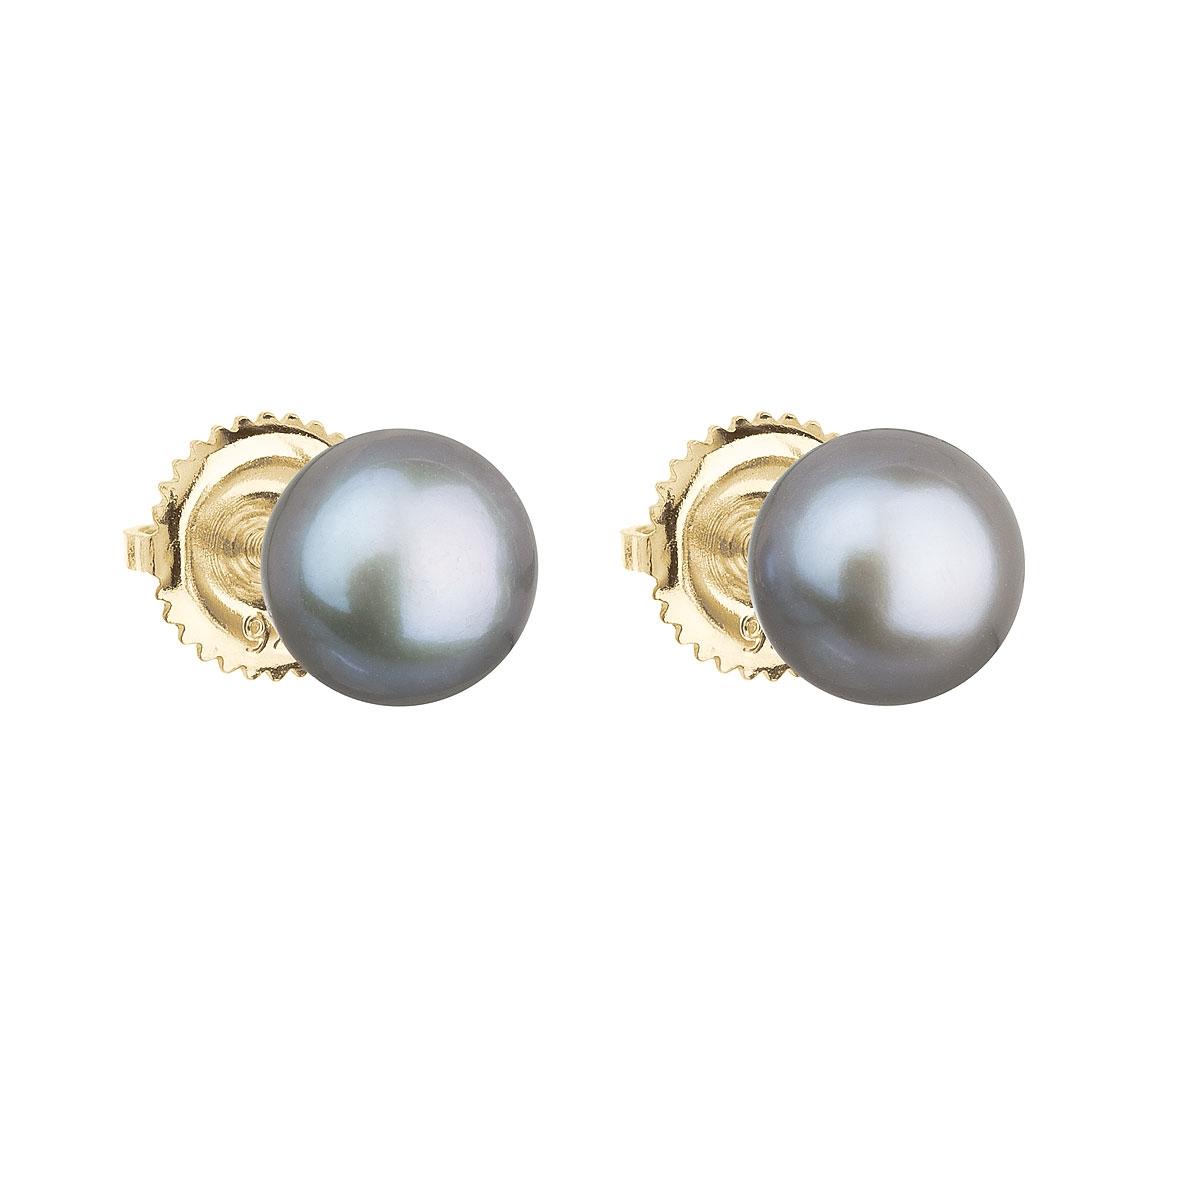 Zlaté 14ti karátové náušnice se šedou říční perlou EGZ004-GR